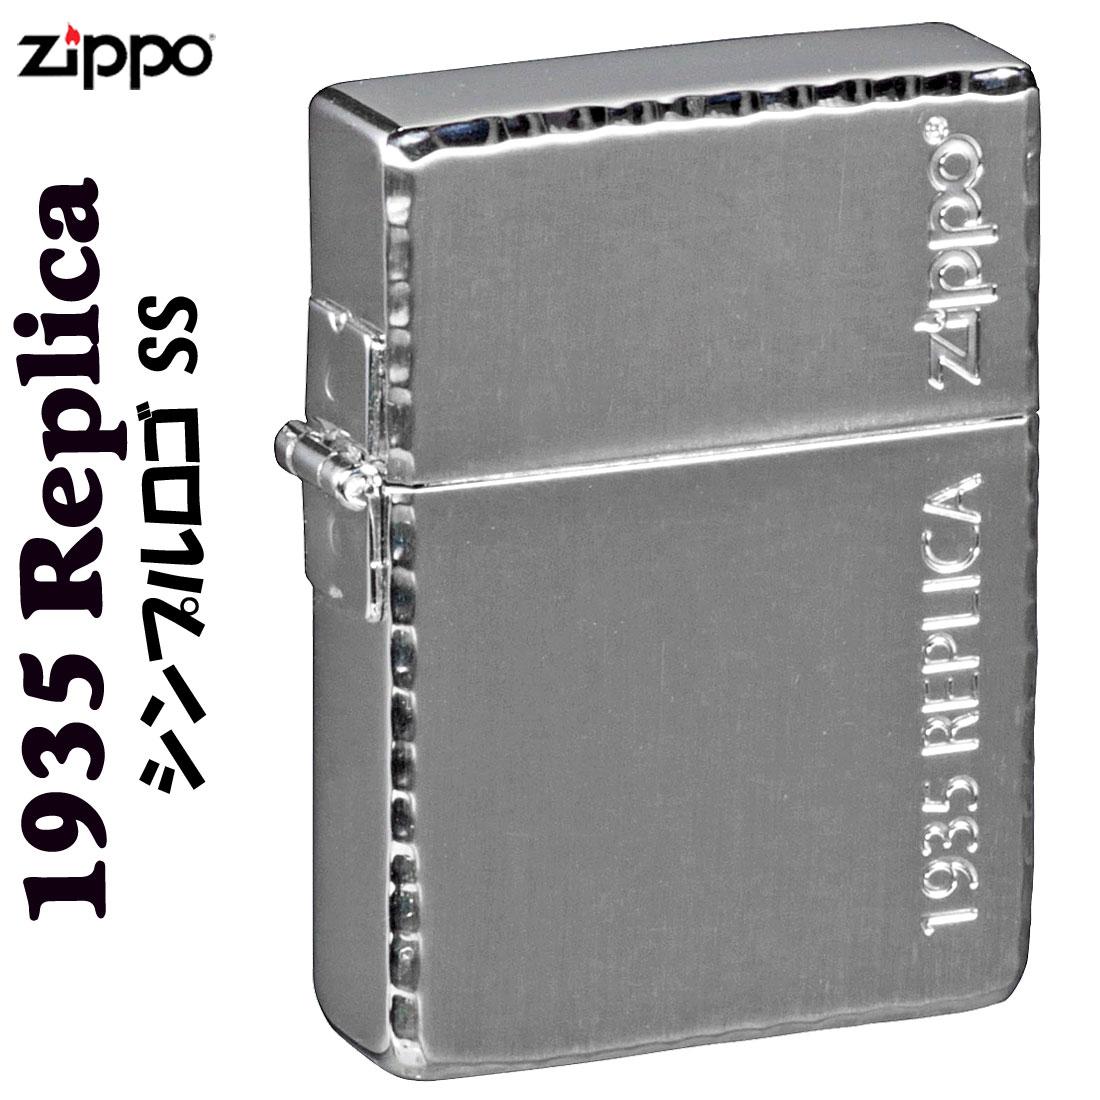 ZIPPO/1935年レプリカ シンプル ロゴ ZIPPOロゴ入りSS シルバー縦サテーナ画像